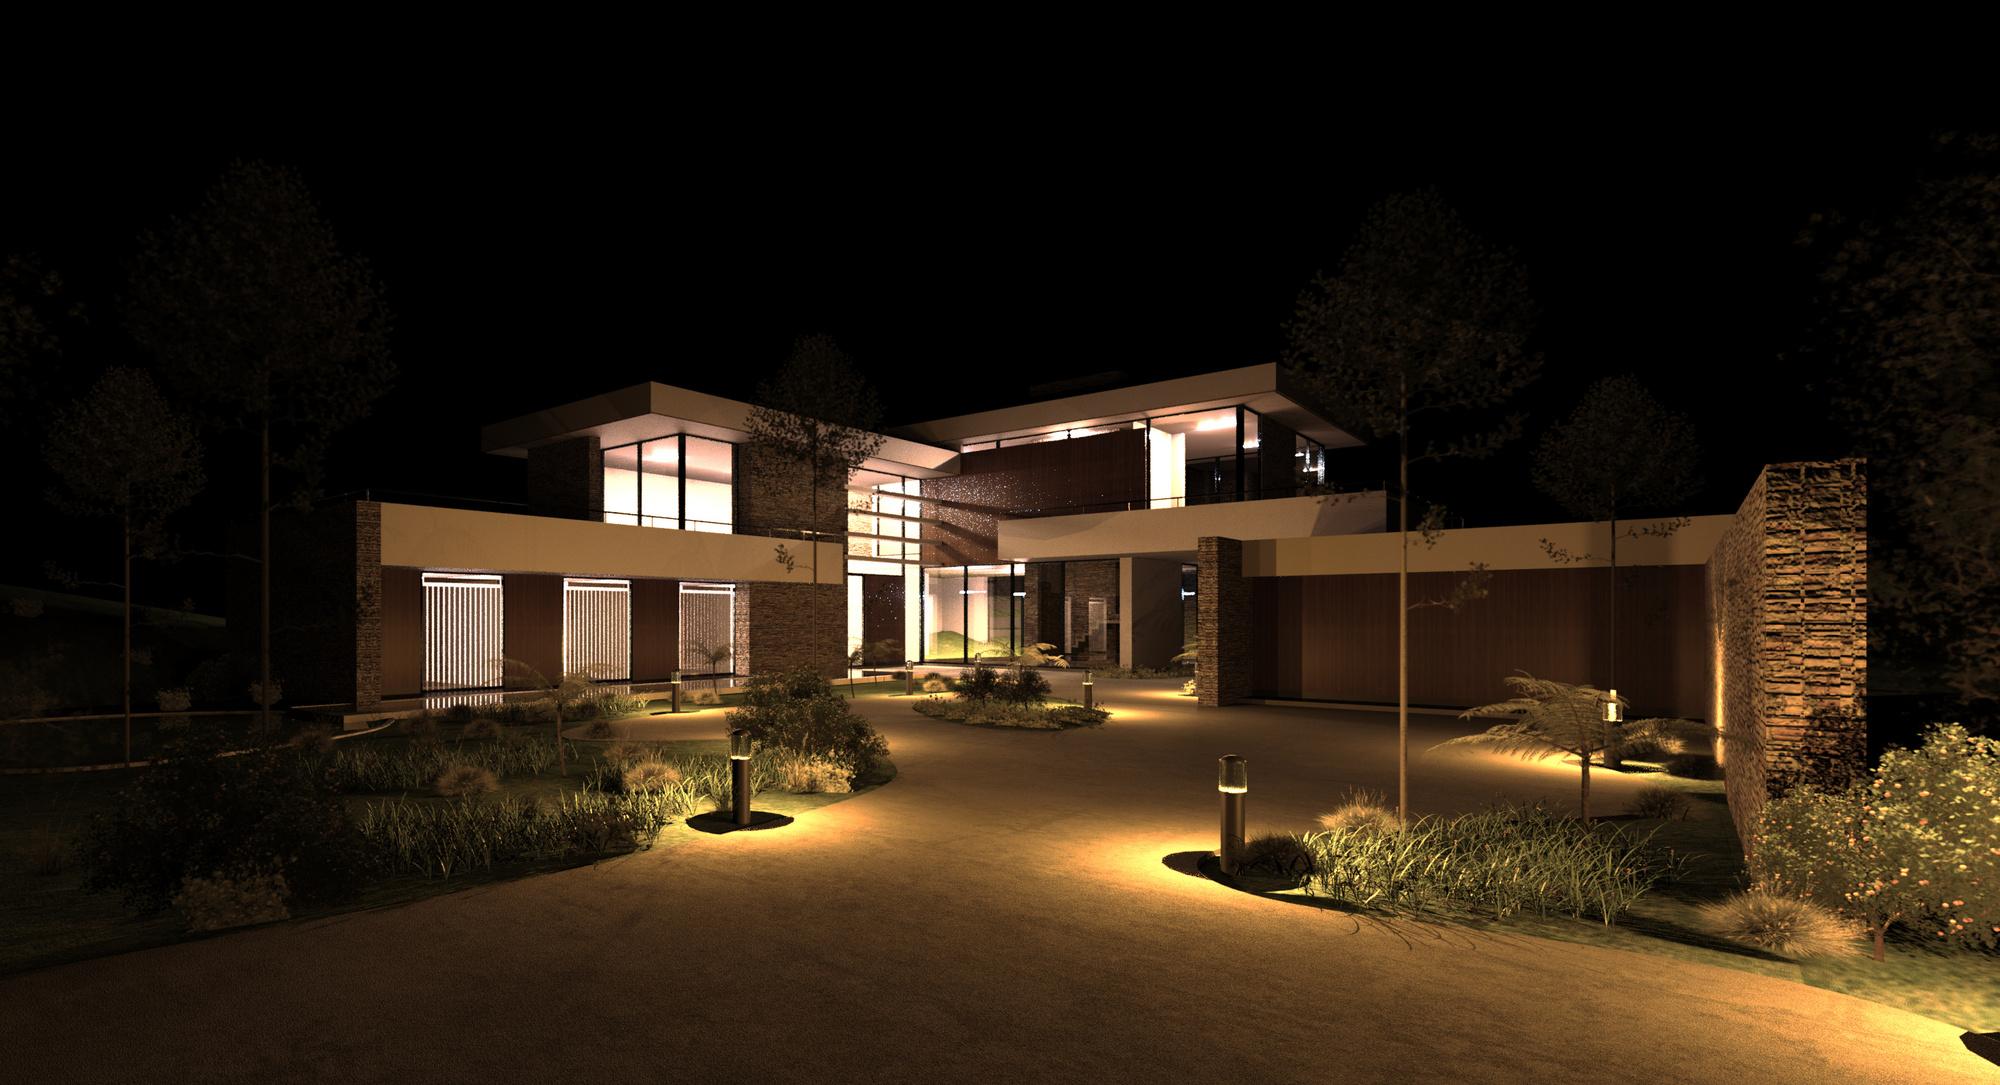 Raas-rendering20150324-1541-esblmg